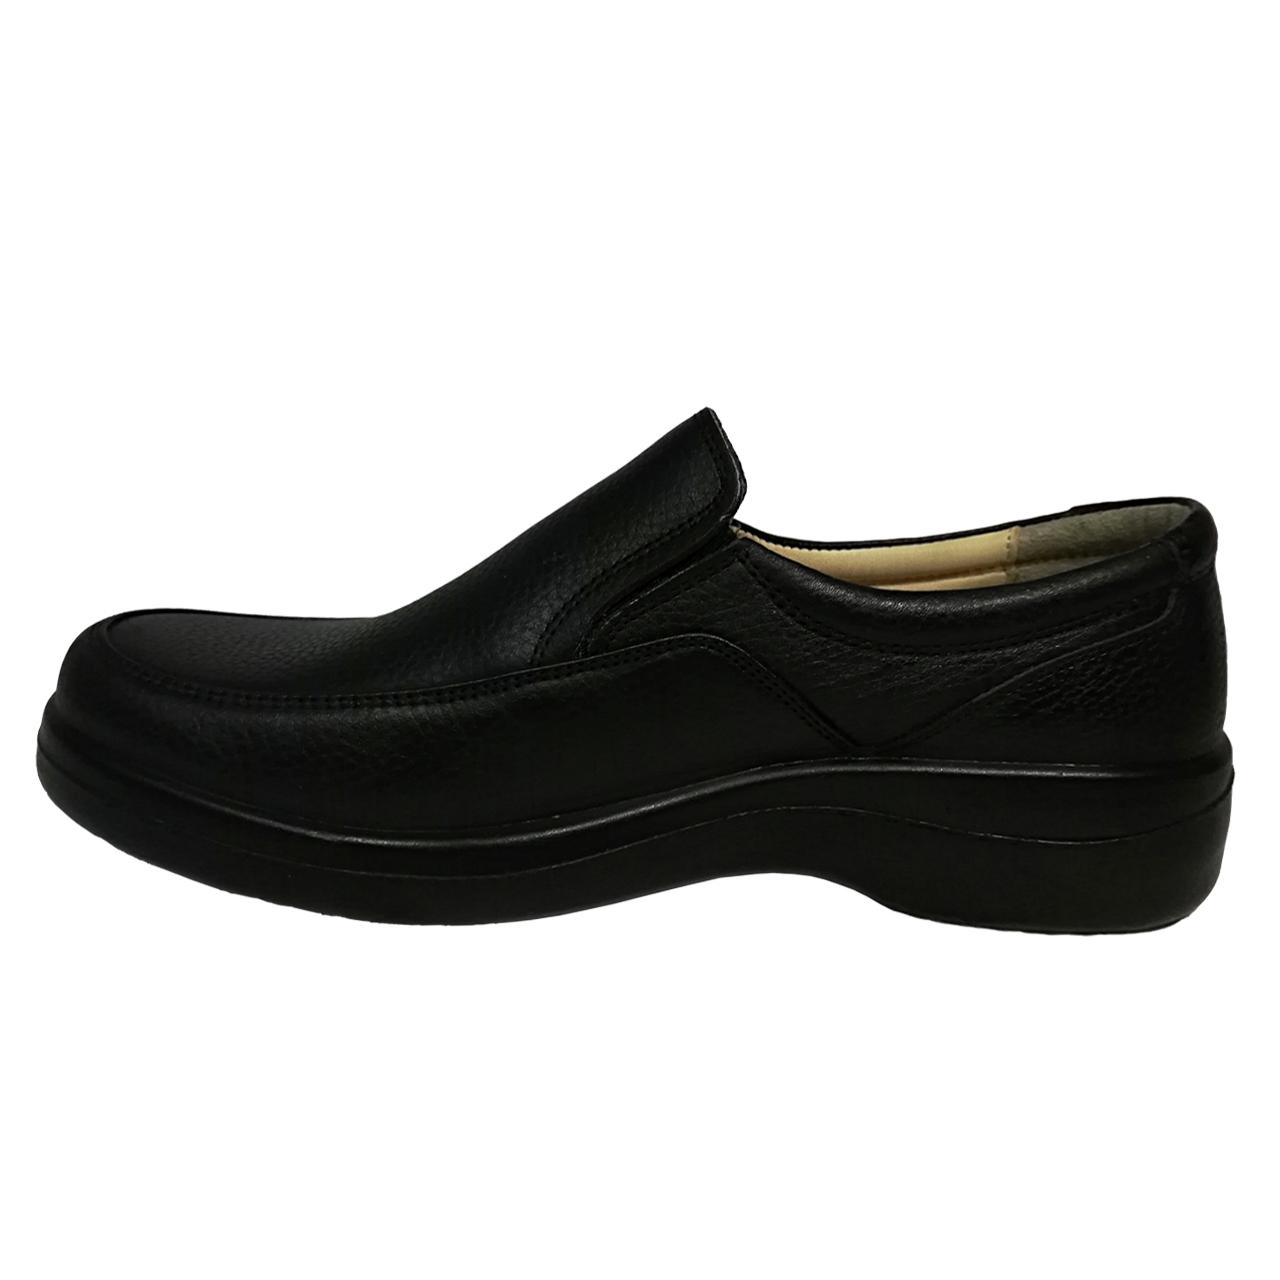 کفش مردانه مدل سورنا همراه با واکس